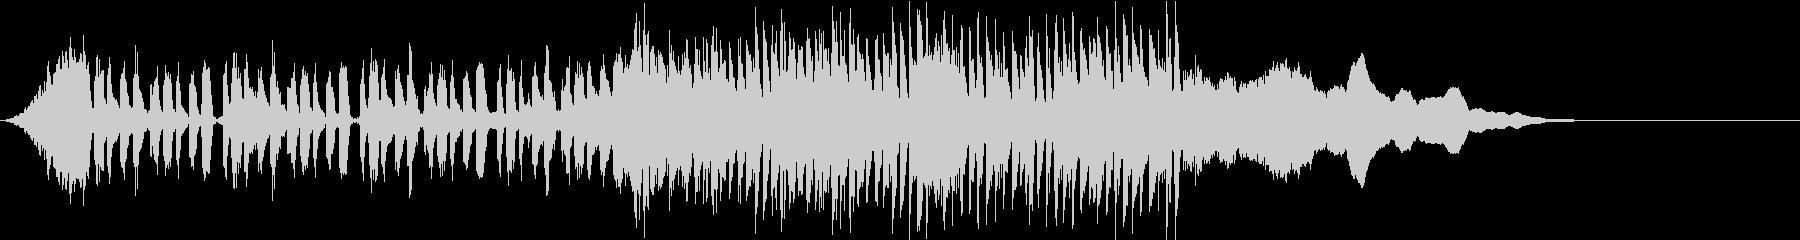 ★神秘的な前奏とサウンドロゴの未再生の波形